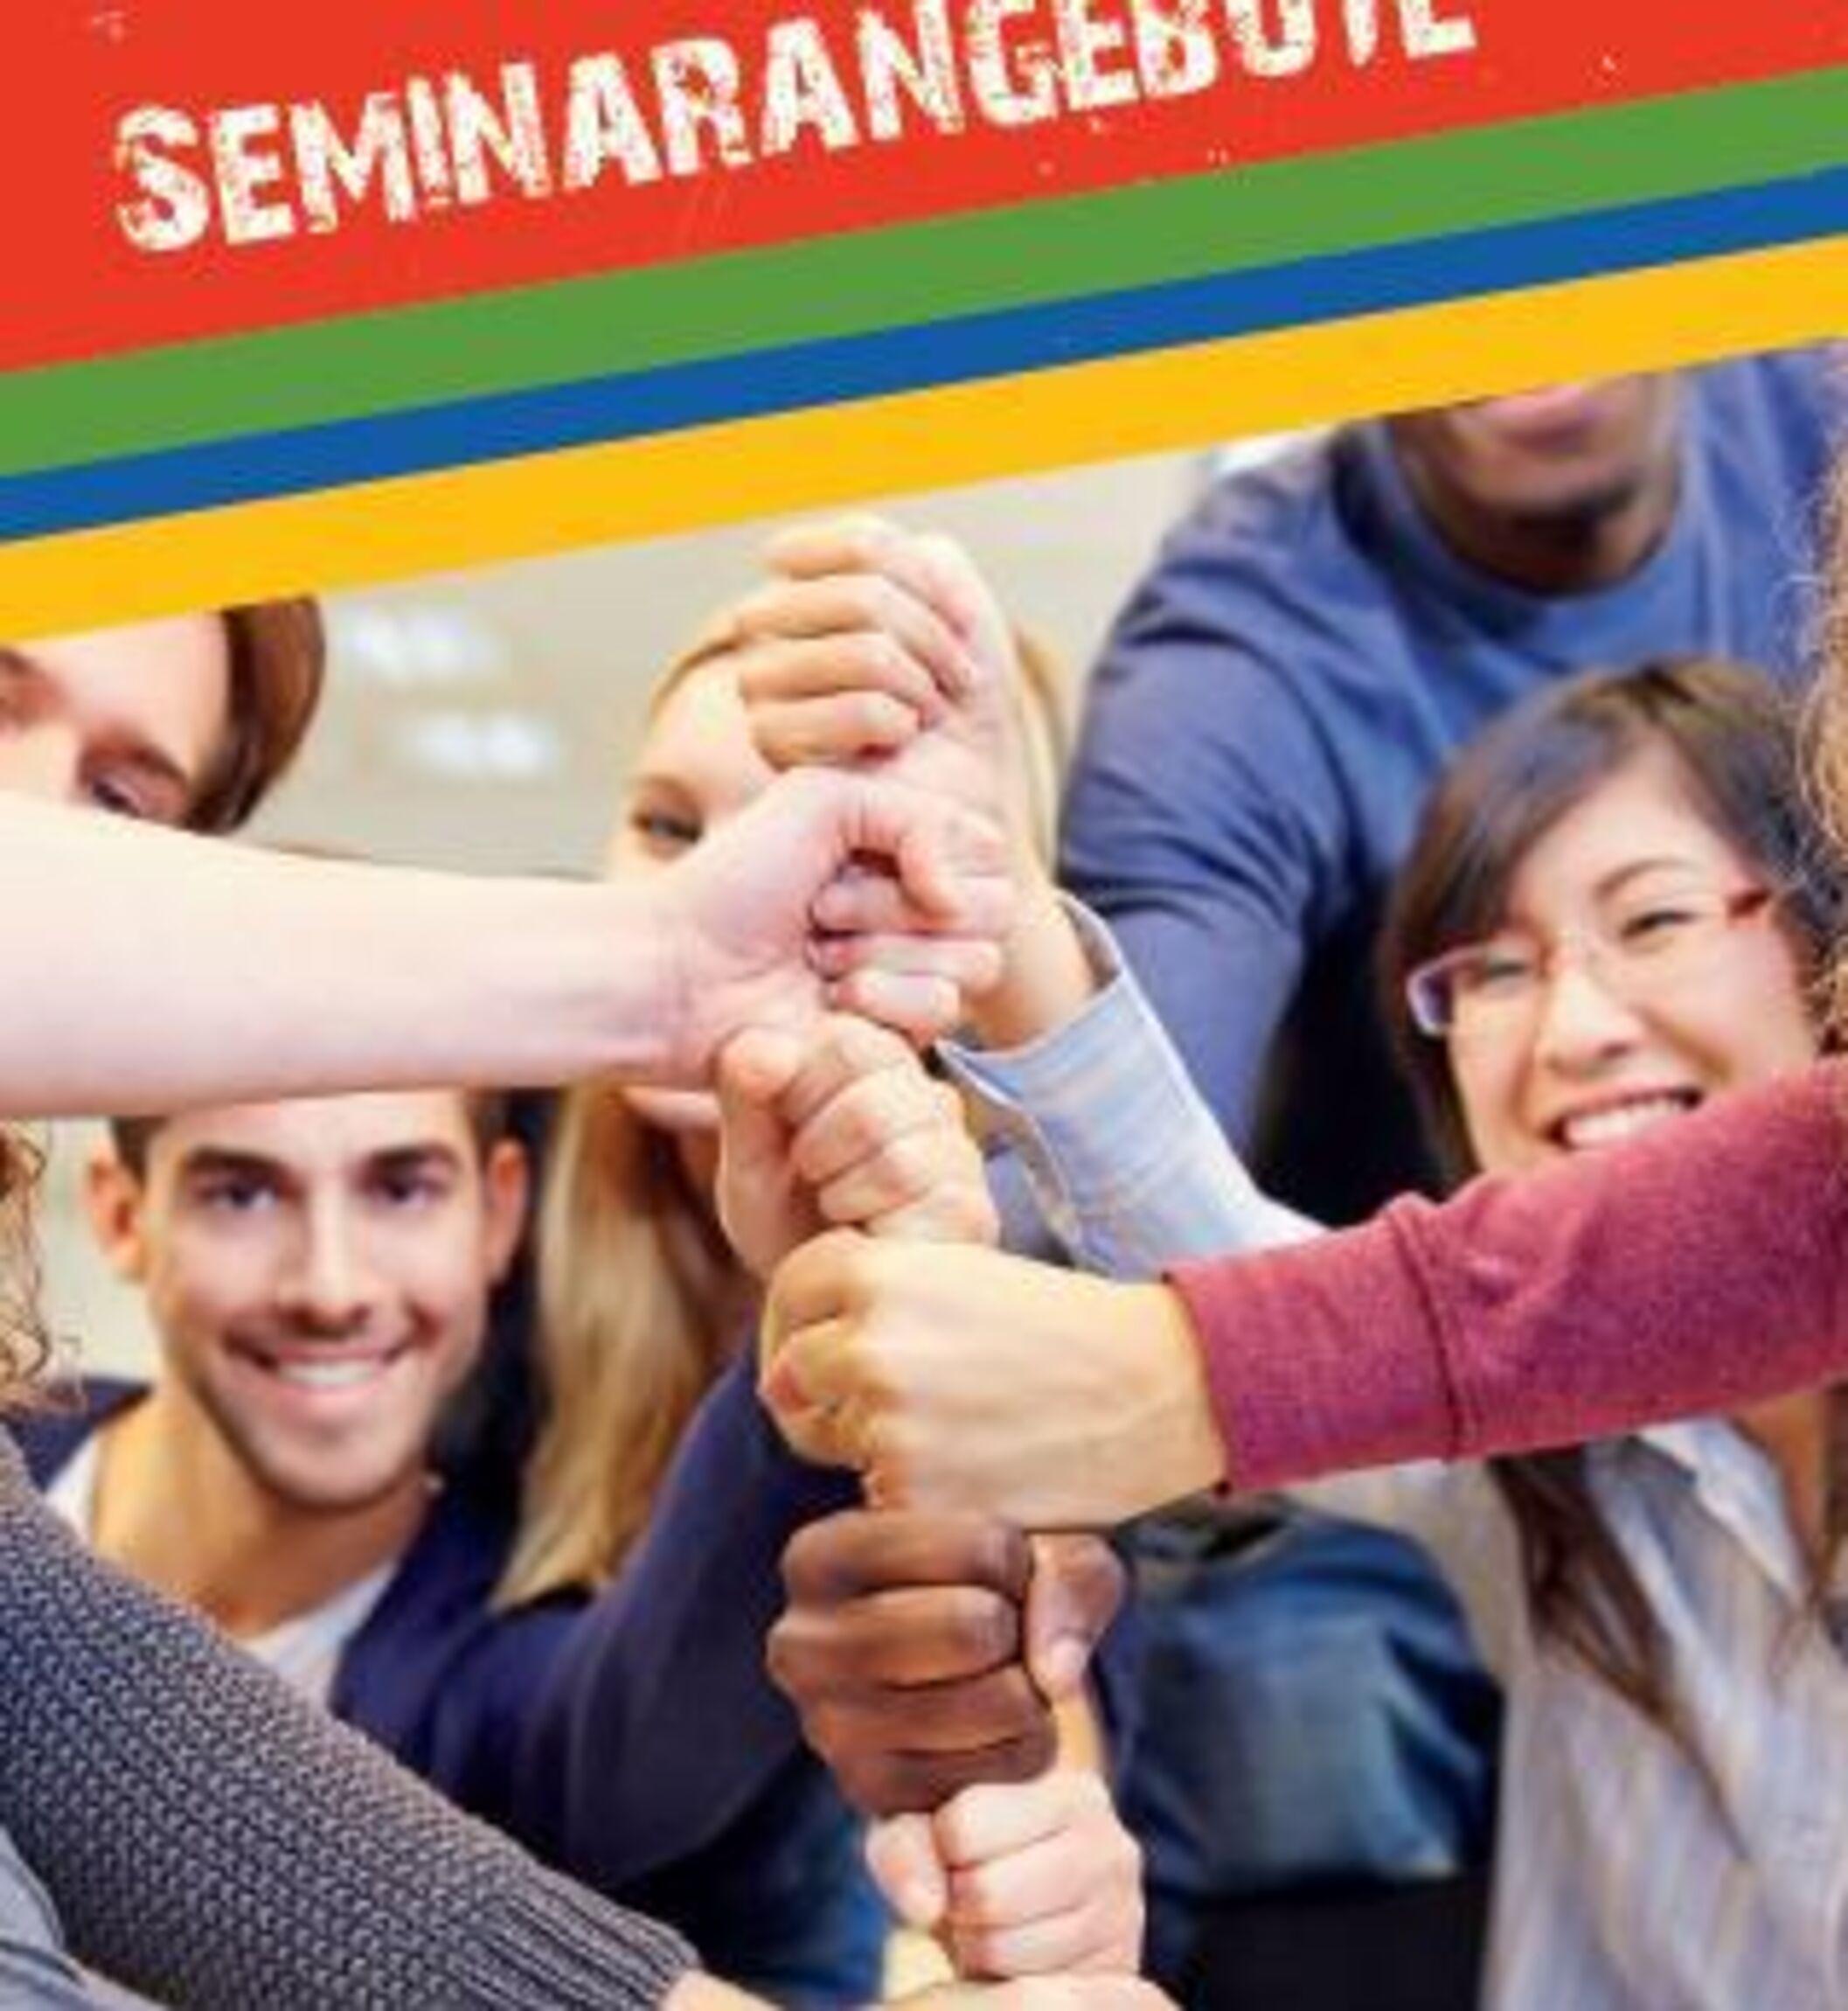 Seminarangebote Oese bild